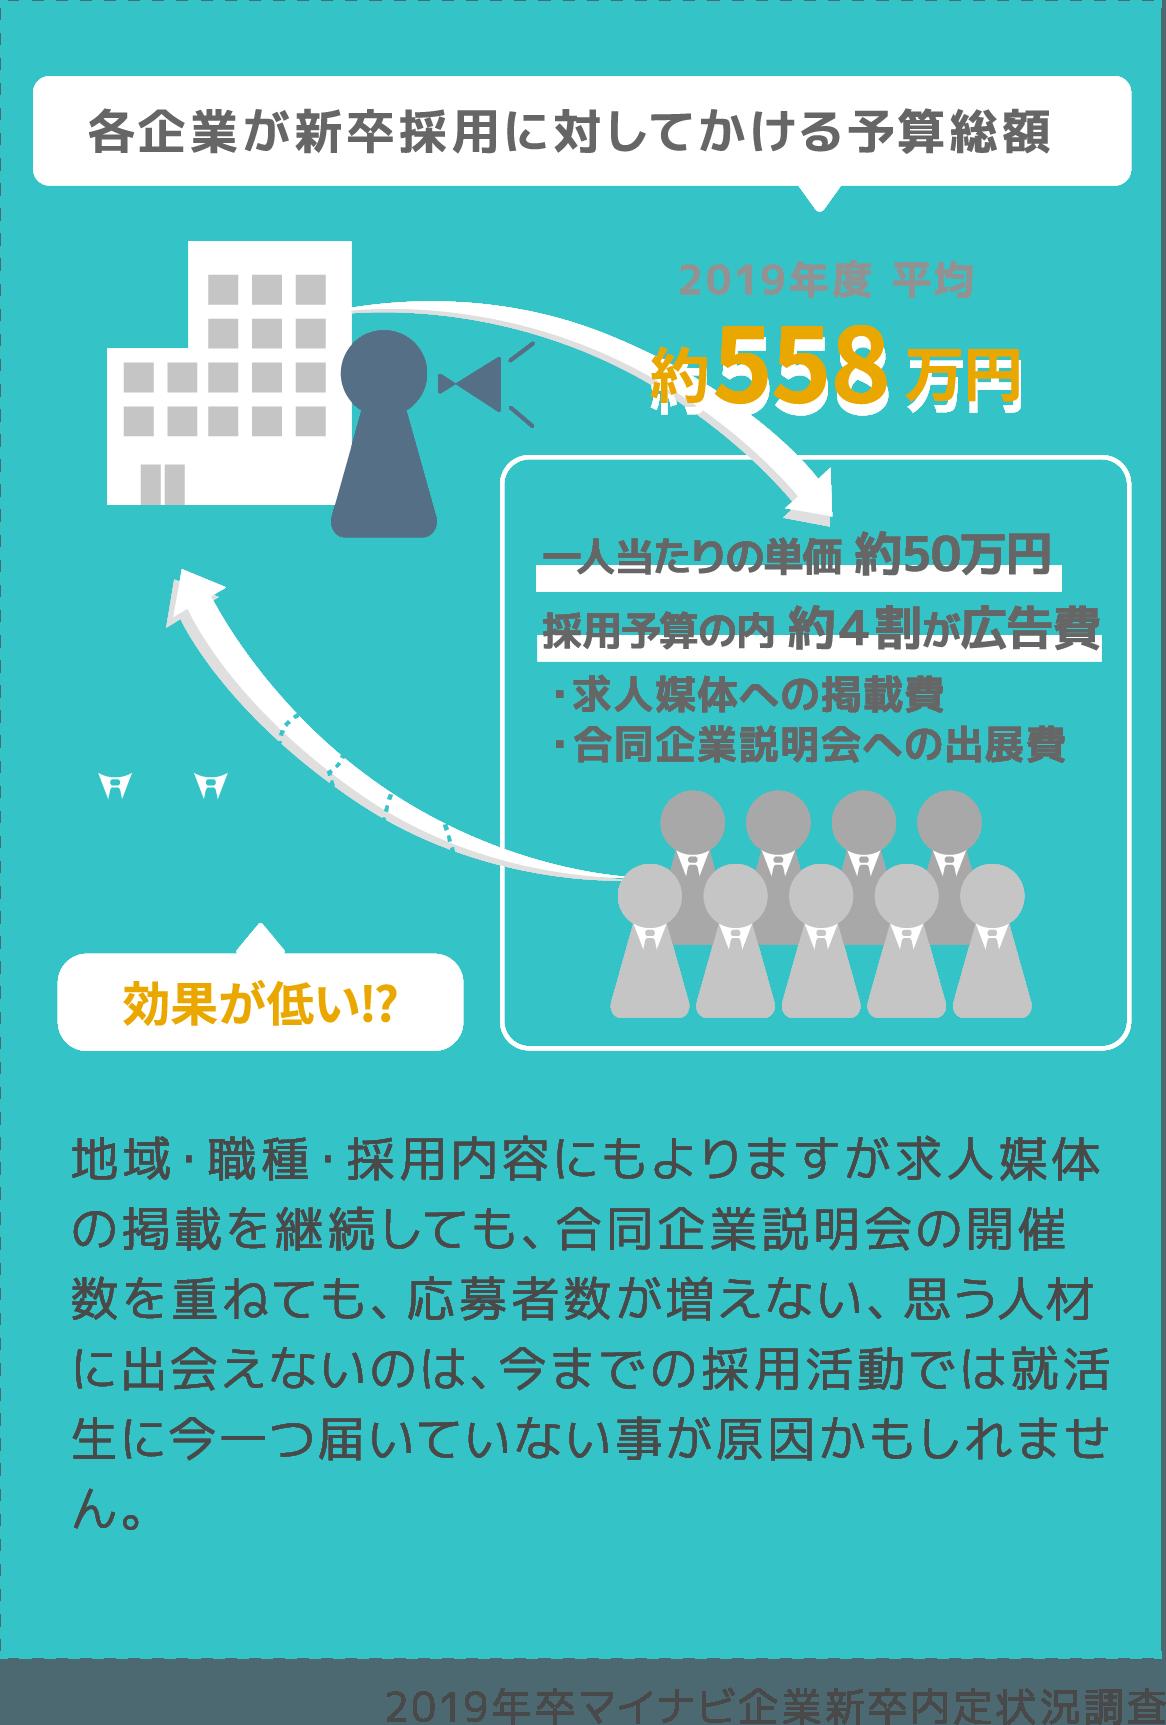 2019年卒マイナビ企業新卒内定状況調査